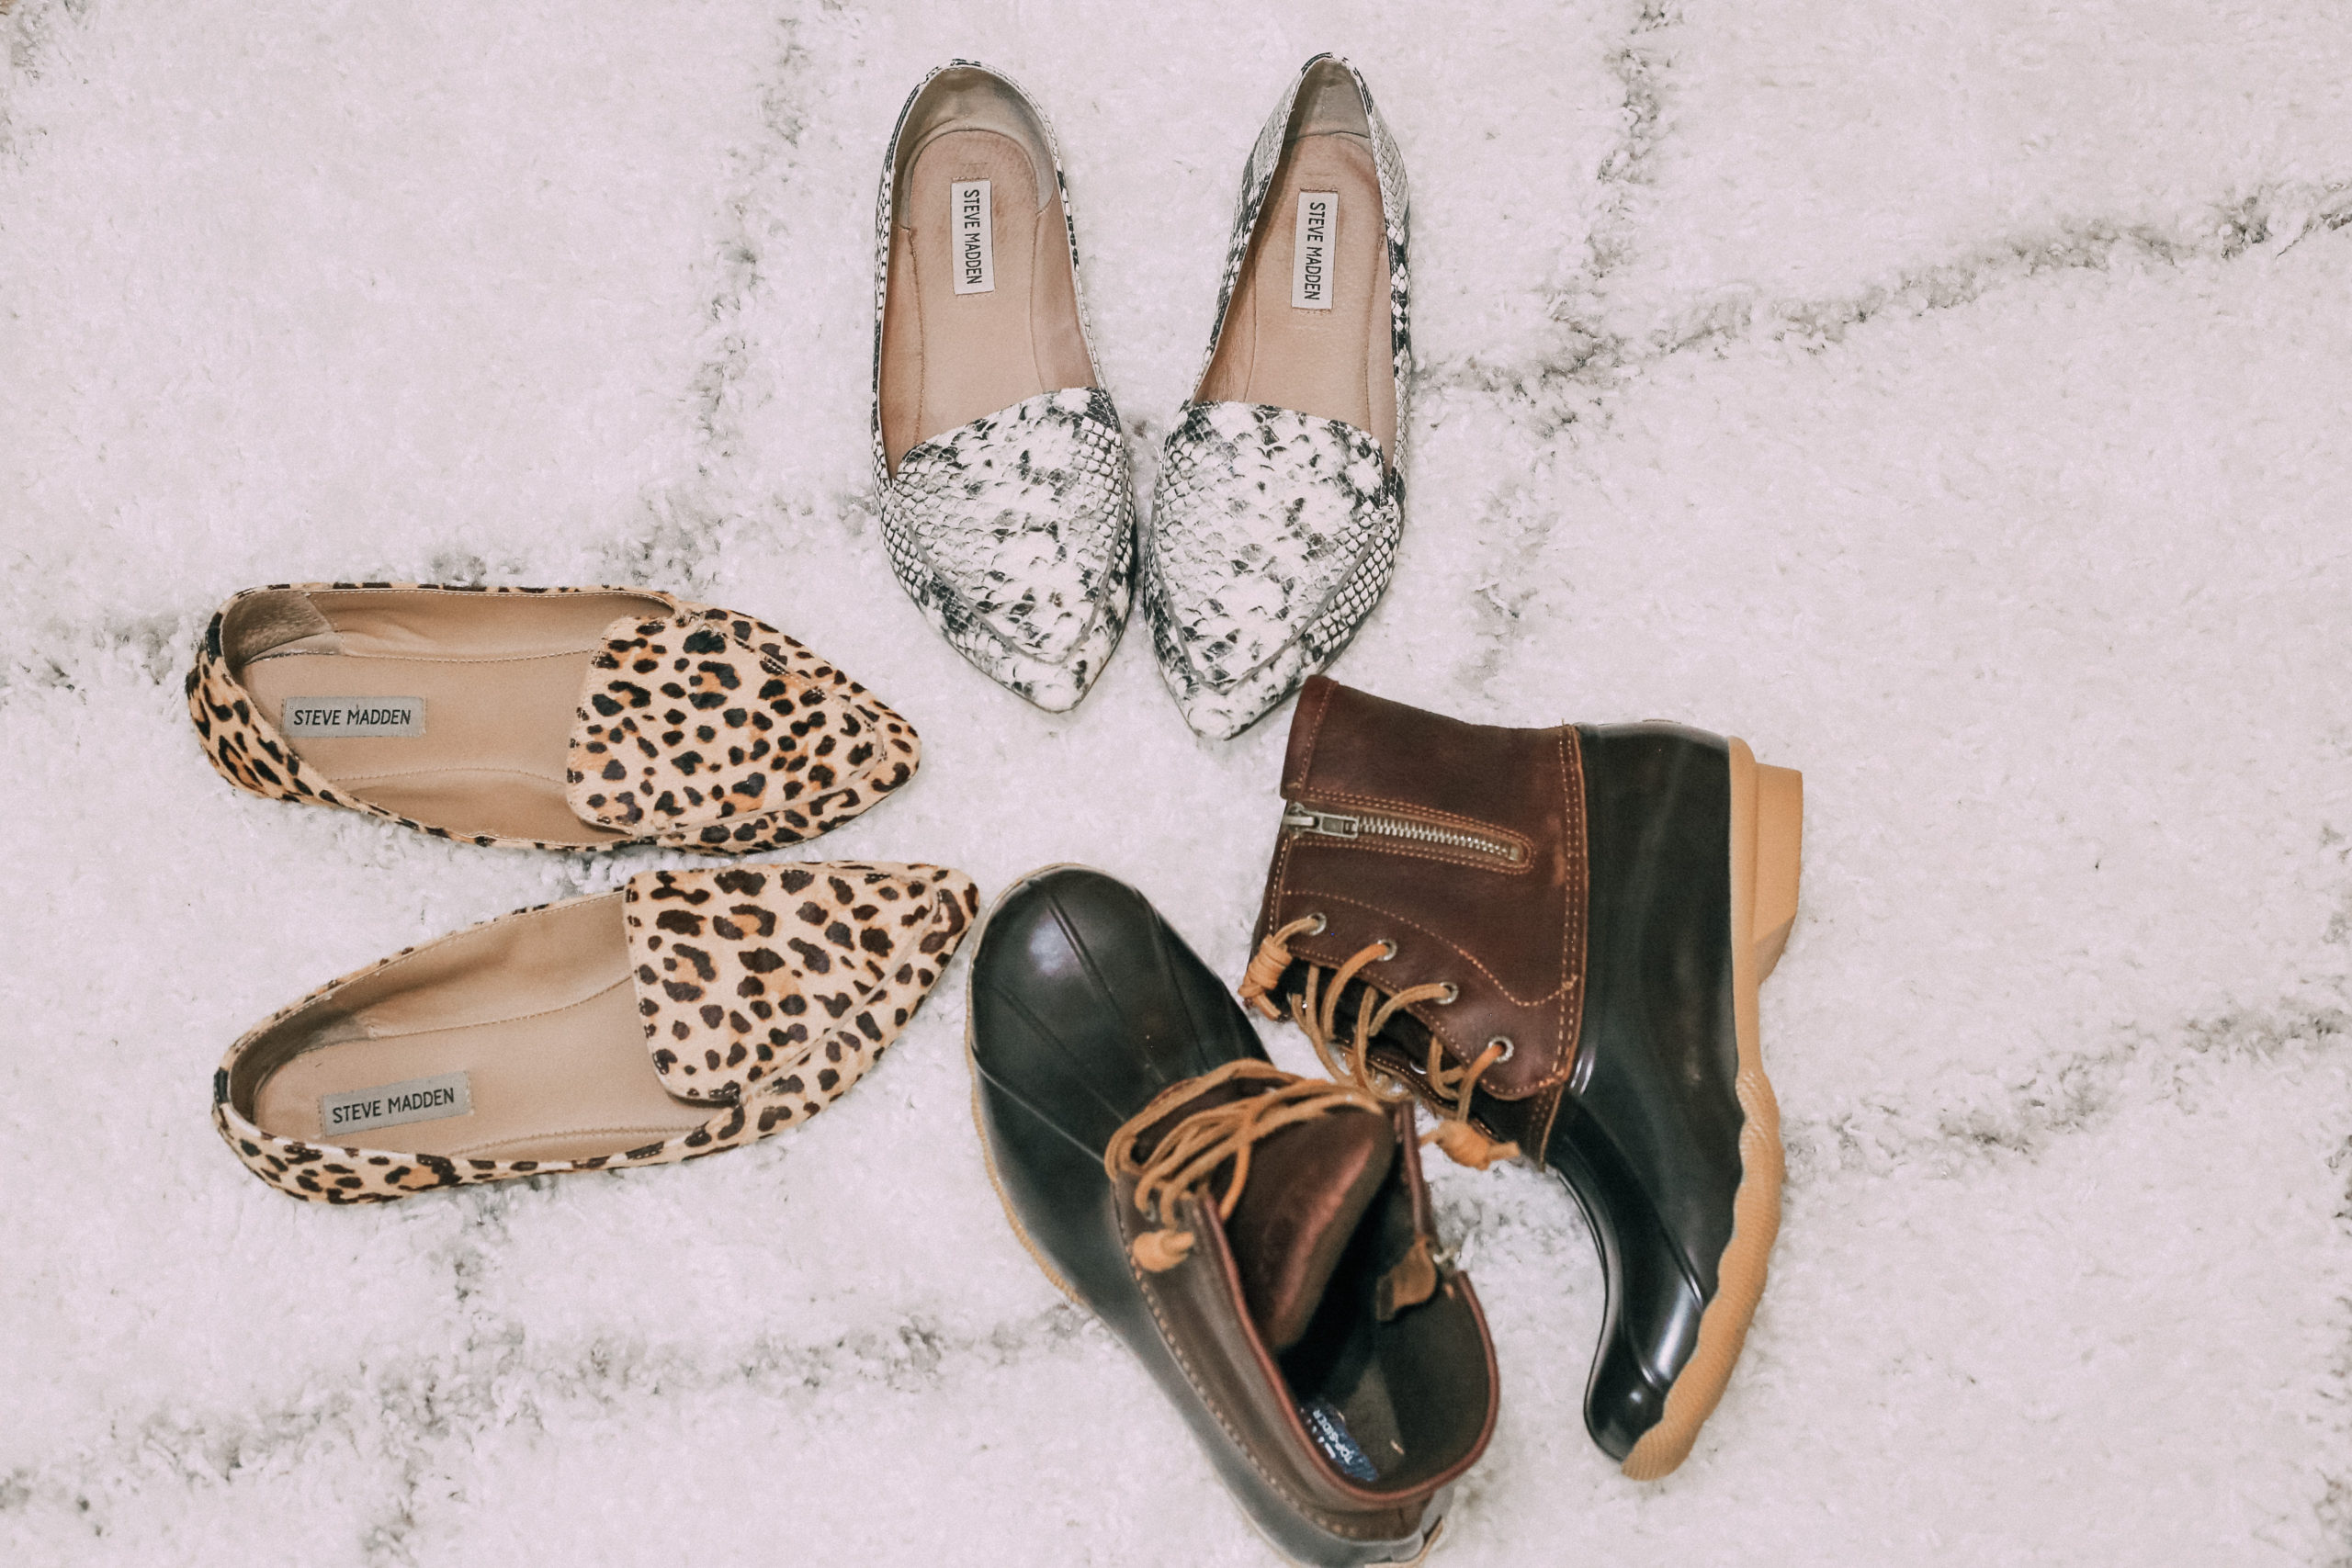 Nordstrom Sale shoes, leopard flats, snakeskin flats, snow boots, rain boots, sperry boots, sperry, Steve madden